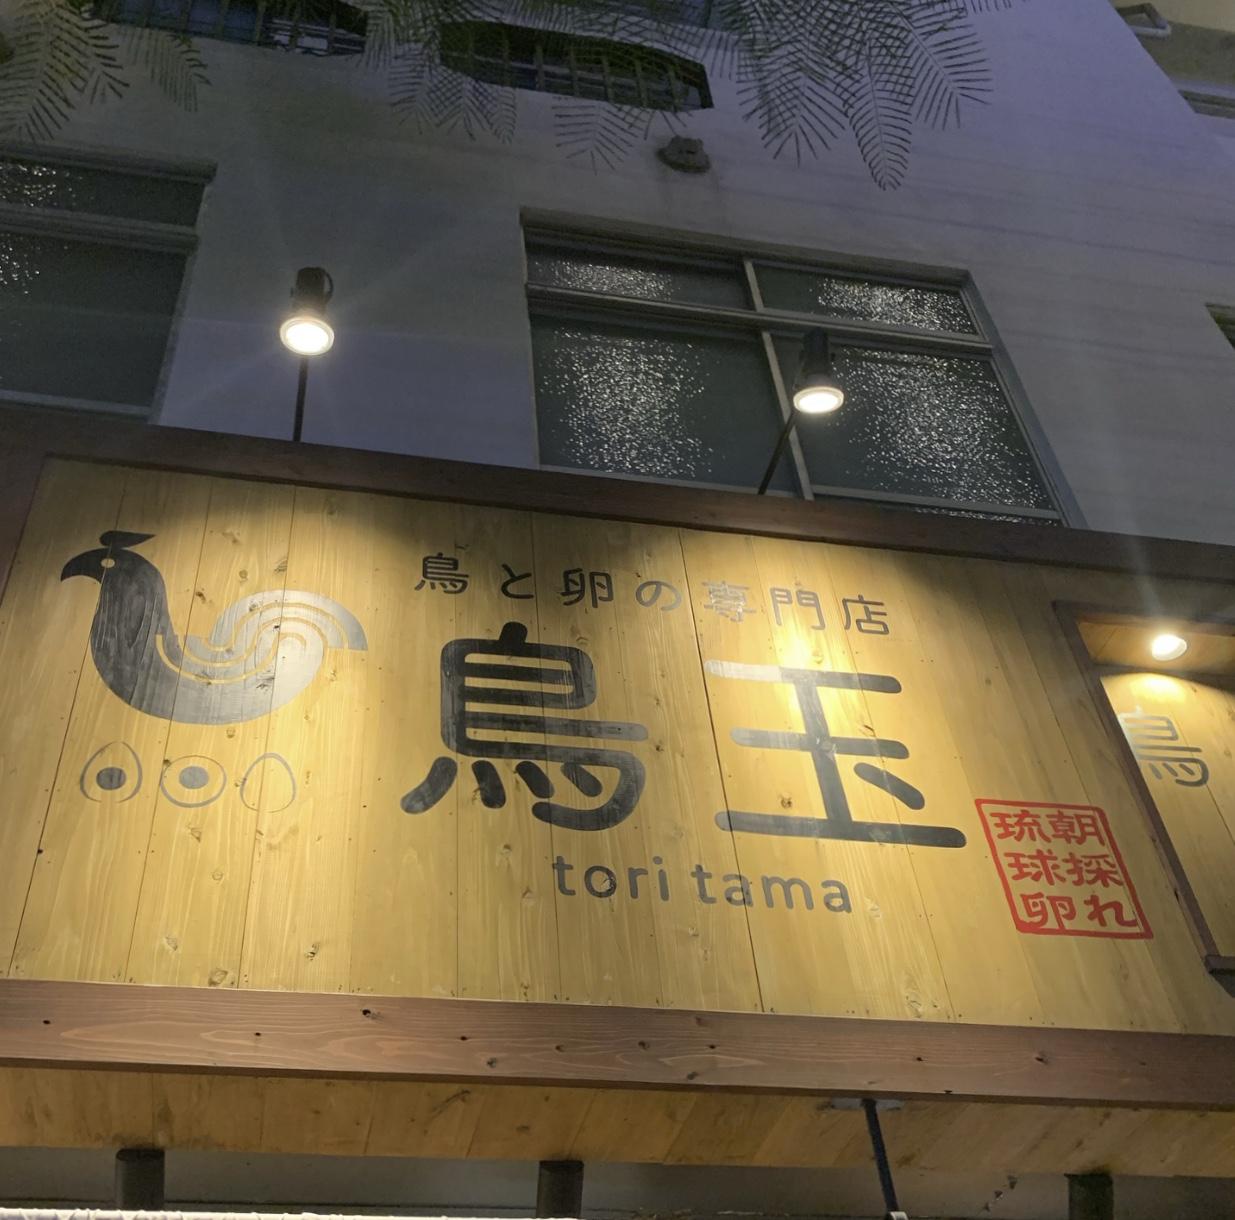 【沖縄】鳥と卵の専門店!!!おすすめの沖縄グルメご紹介します✩*॰¨̮_6